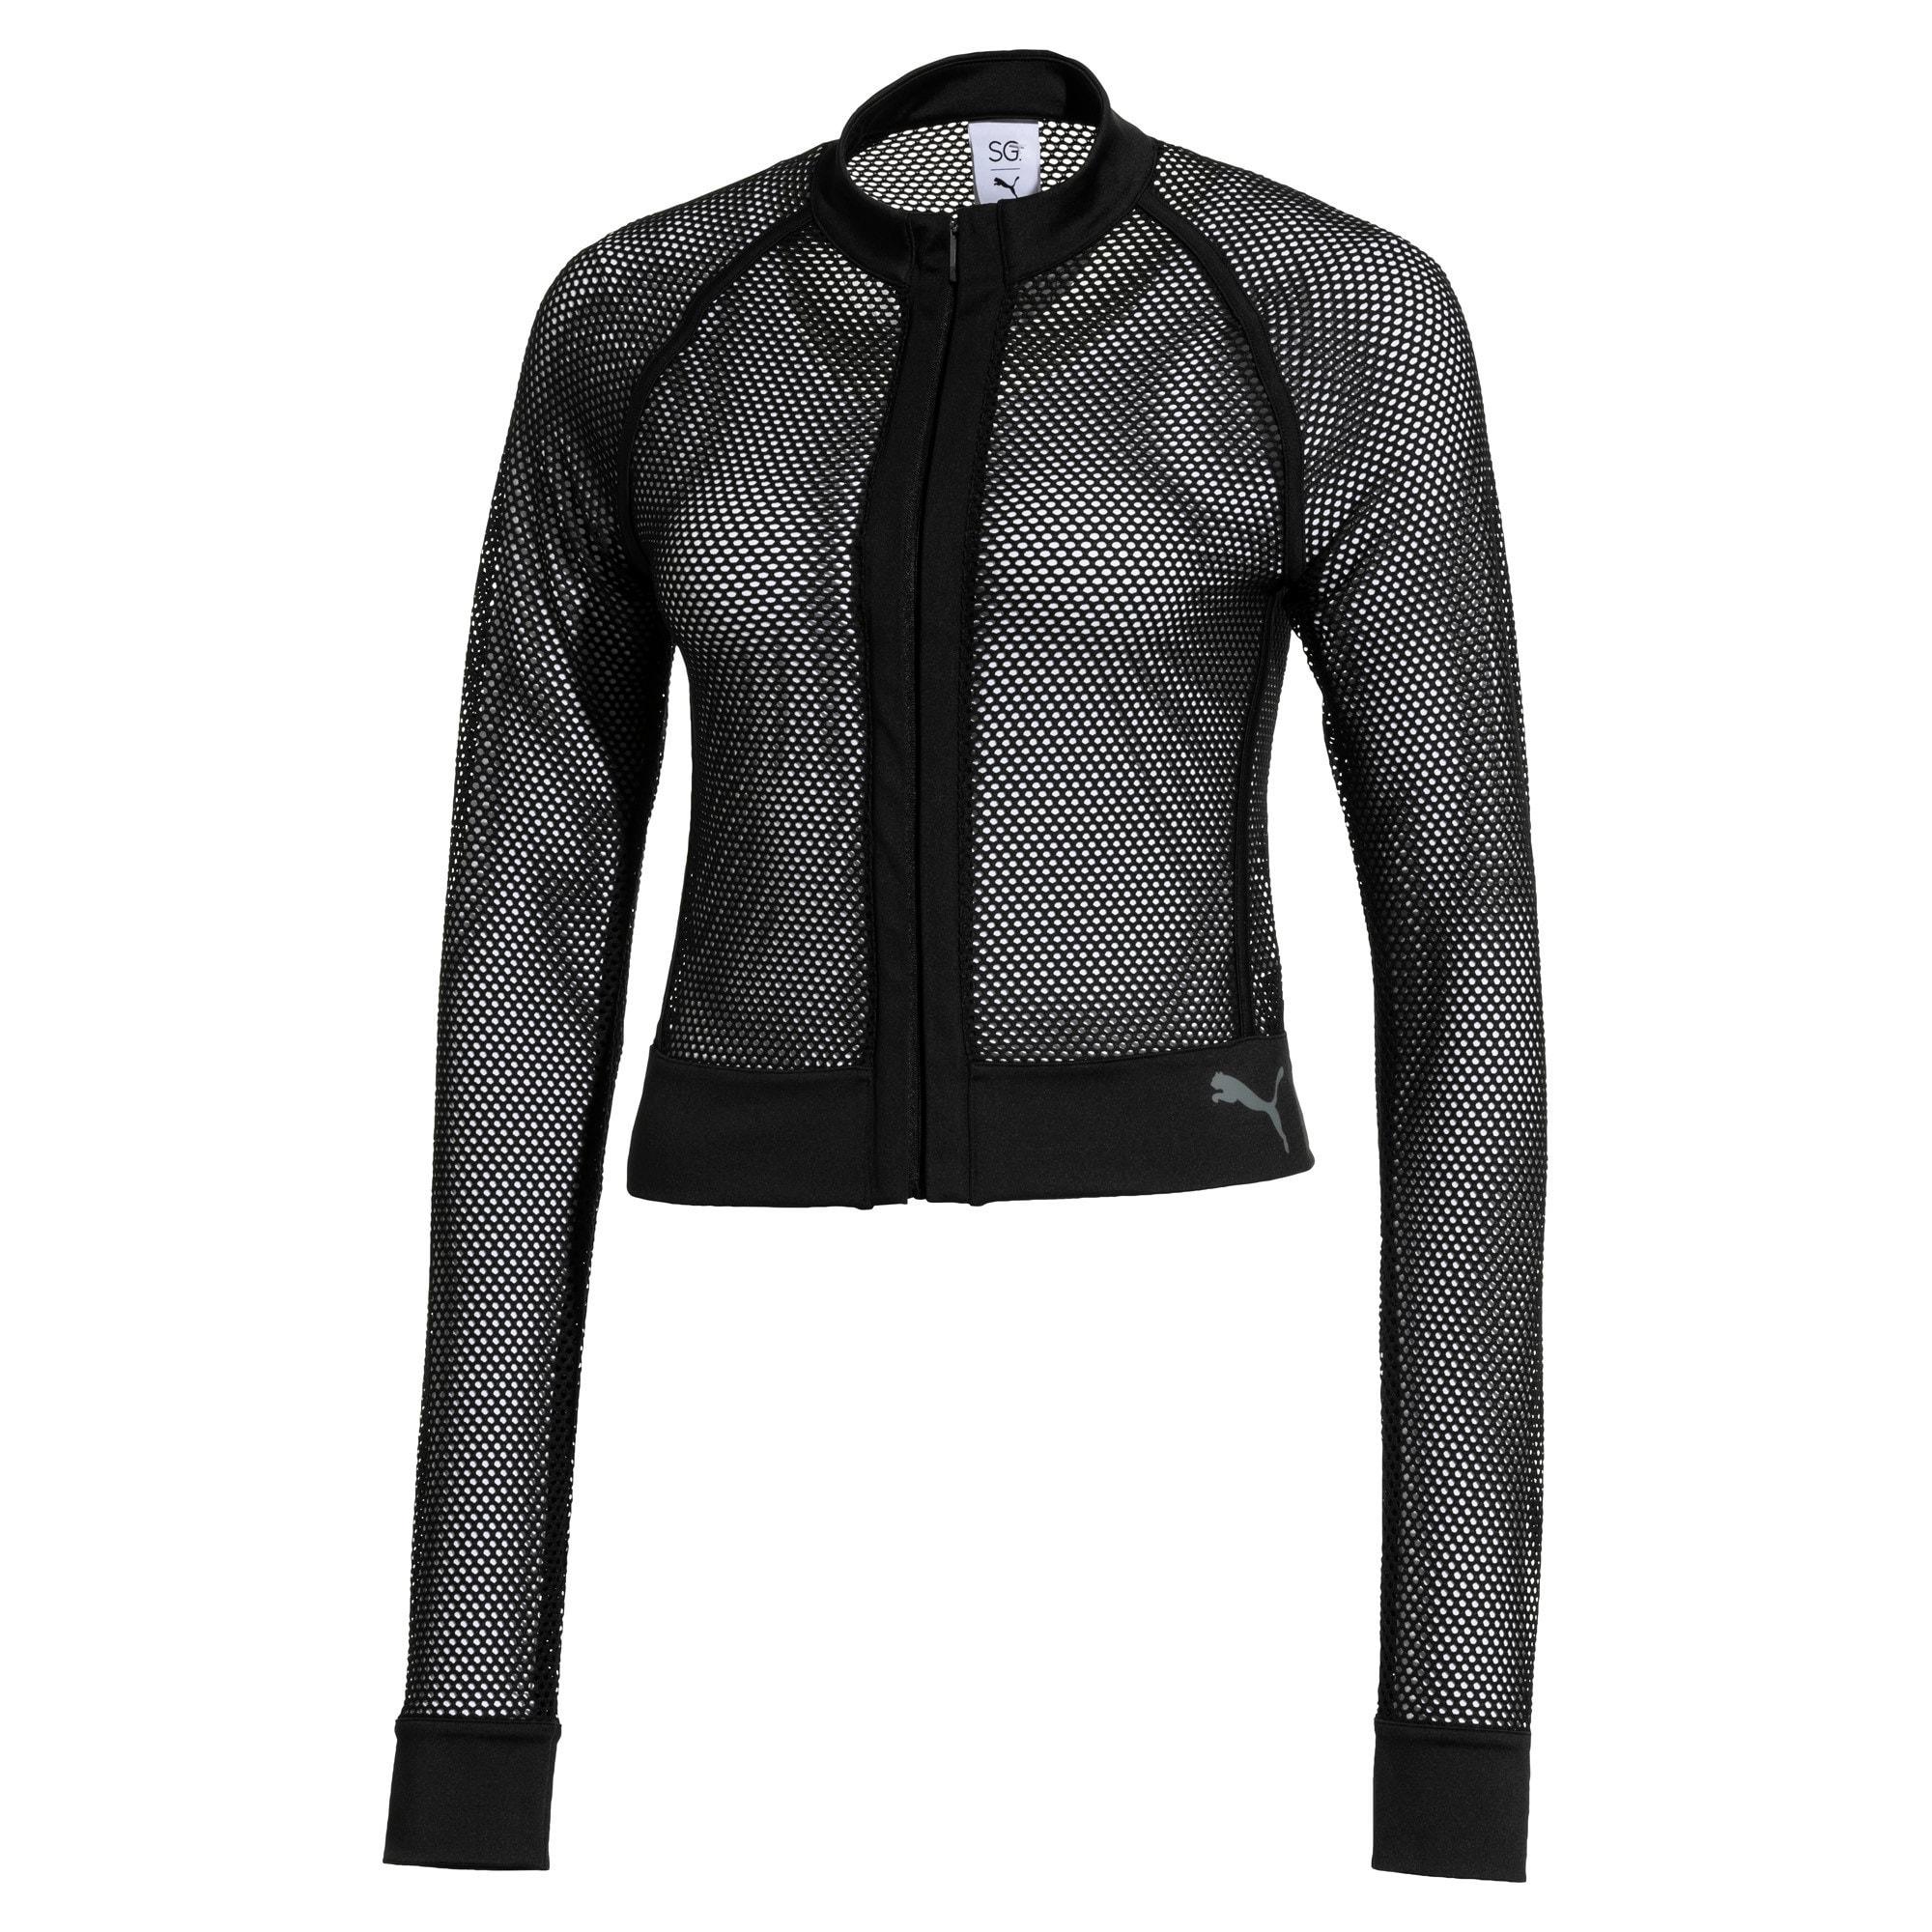 Thumbnail 1 of SG x PUMA Mesh Jacket, Puma Black, medium